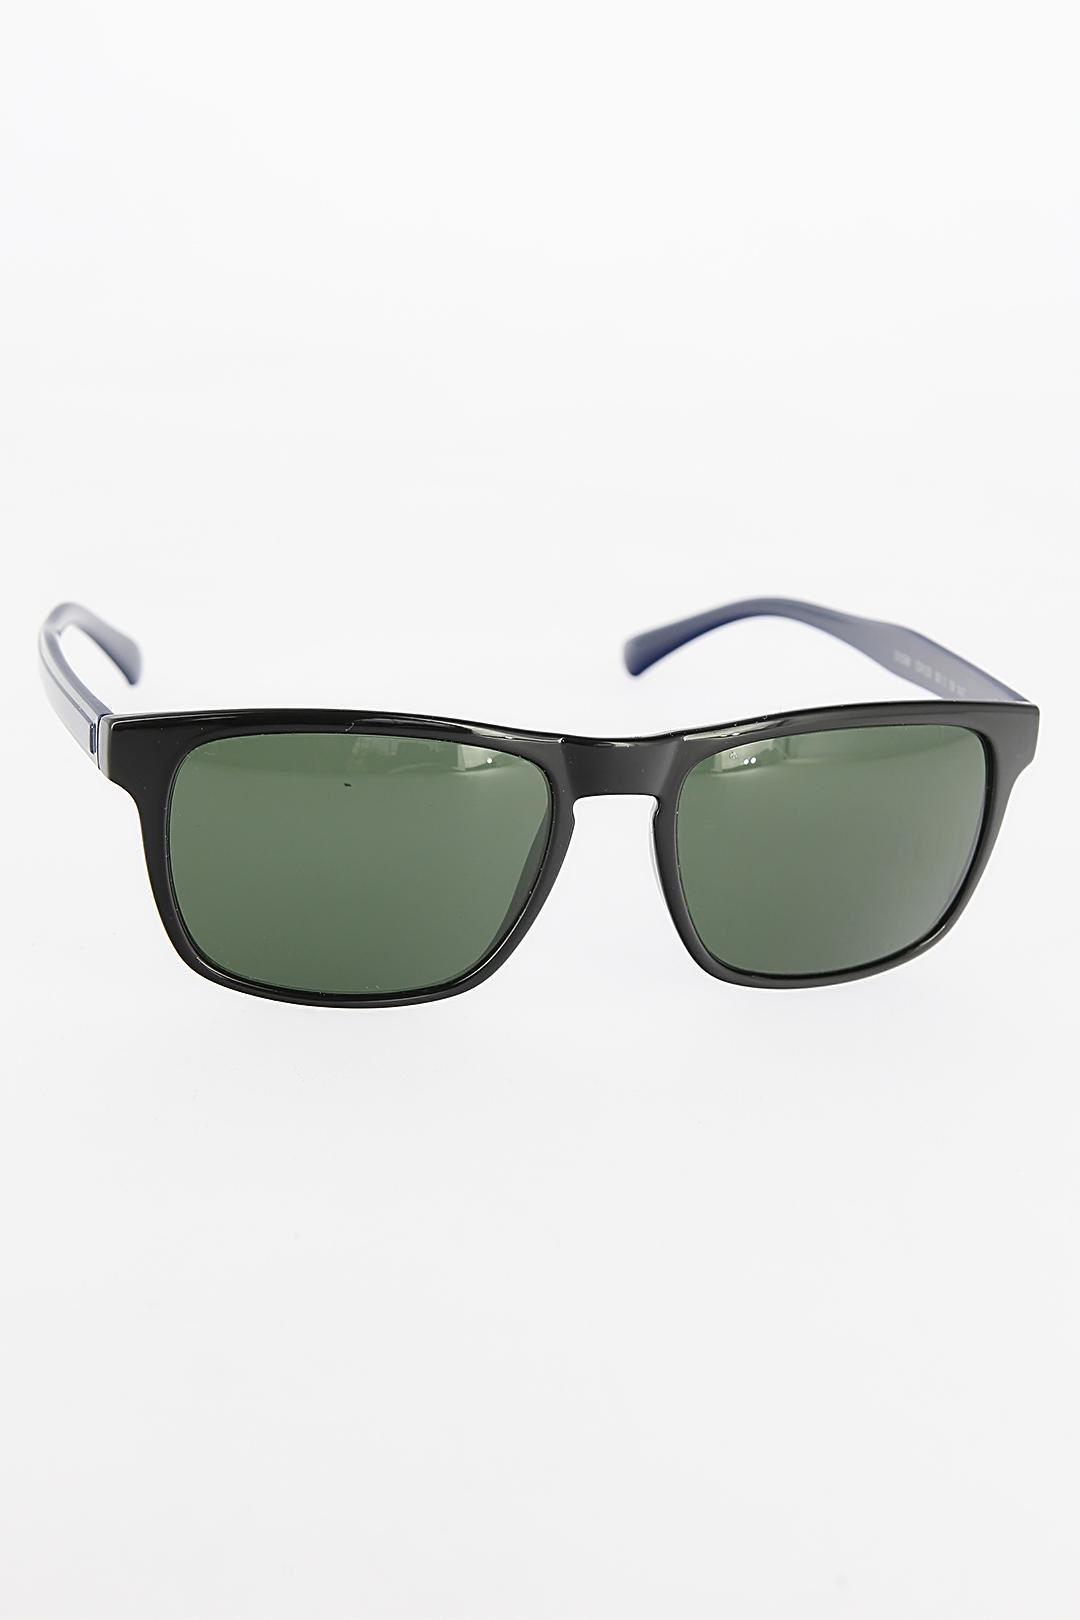 Siyah Kare Çerçeveli Yeşil Camlı Erkek Güneş Gözlüğü